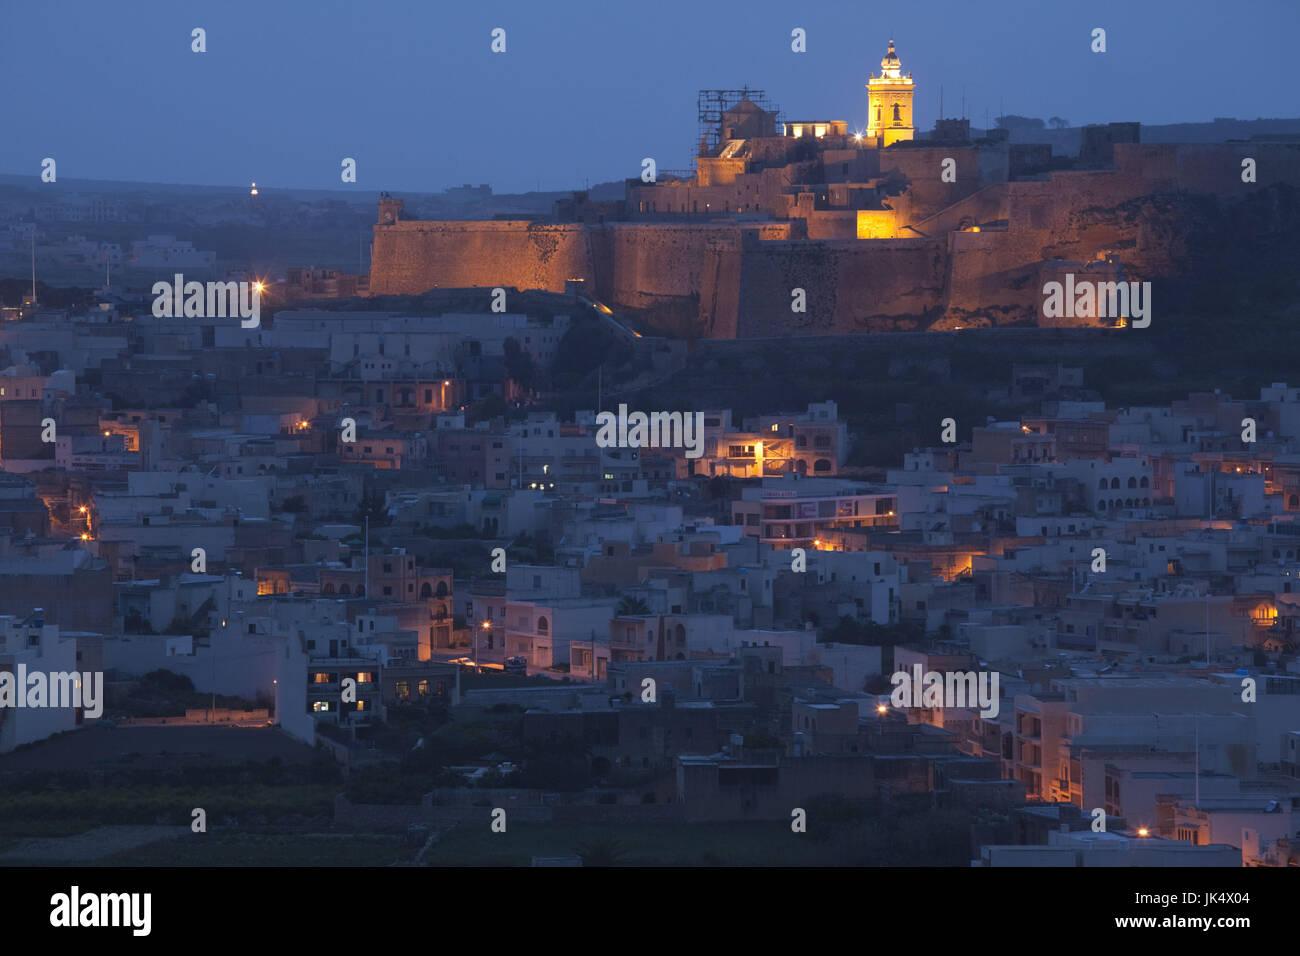 Malta, Insel Gozo, Victoria-Rabat, erhöhte Aussicht auf Stadt und Festung Il-Kastell, Dämmerung Stockbild